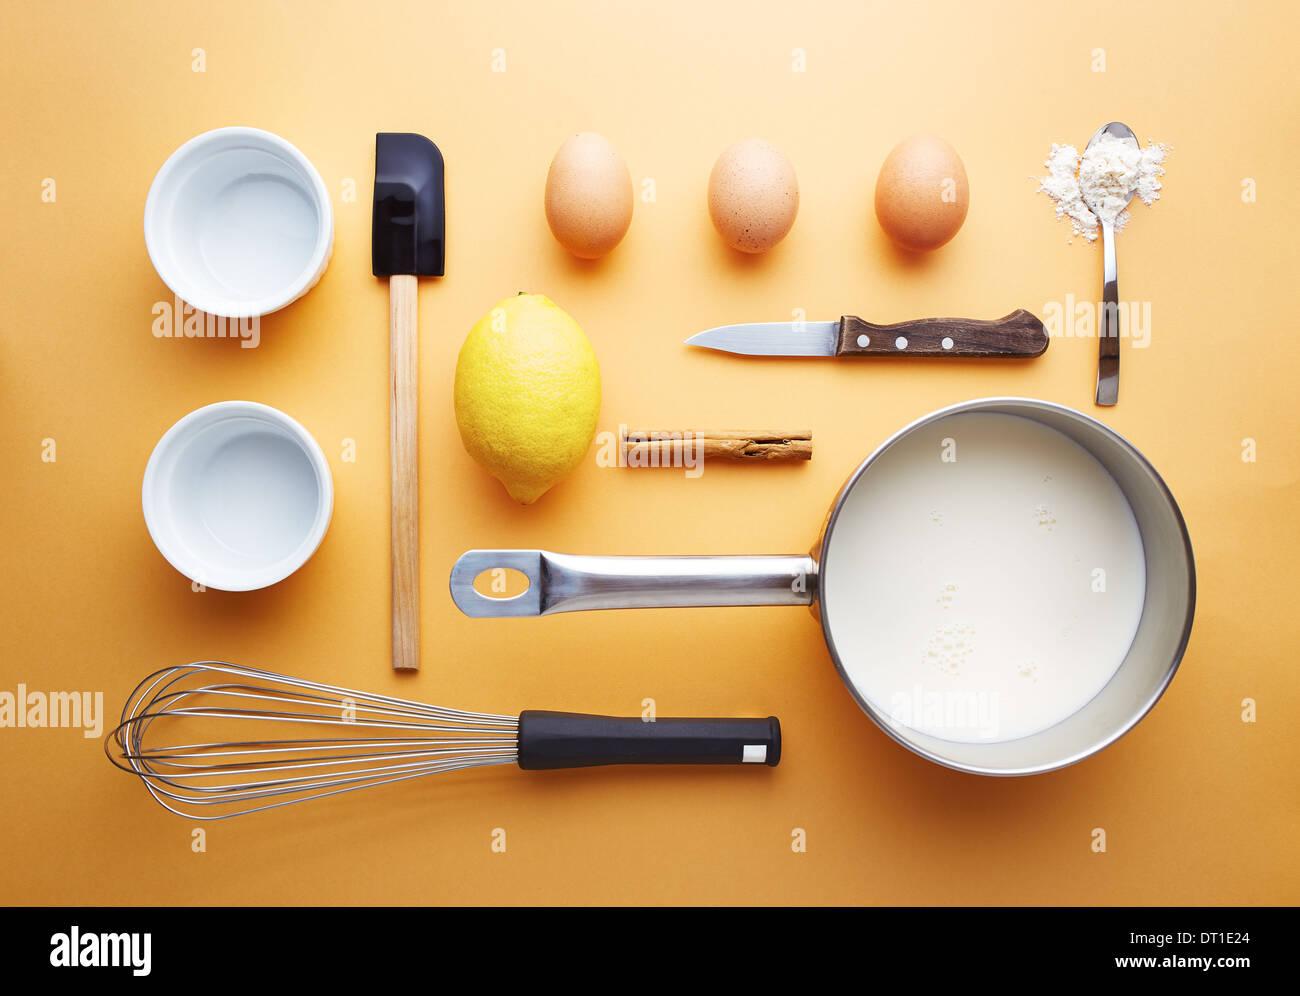 Crème brûlée ingrédients sur fond jaune présentation inhabituelle Photo Stock